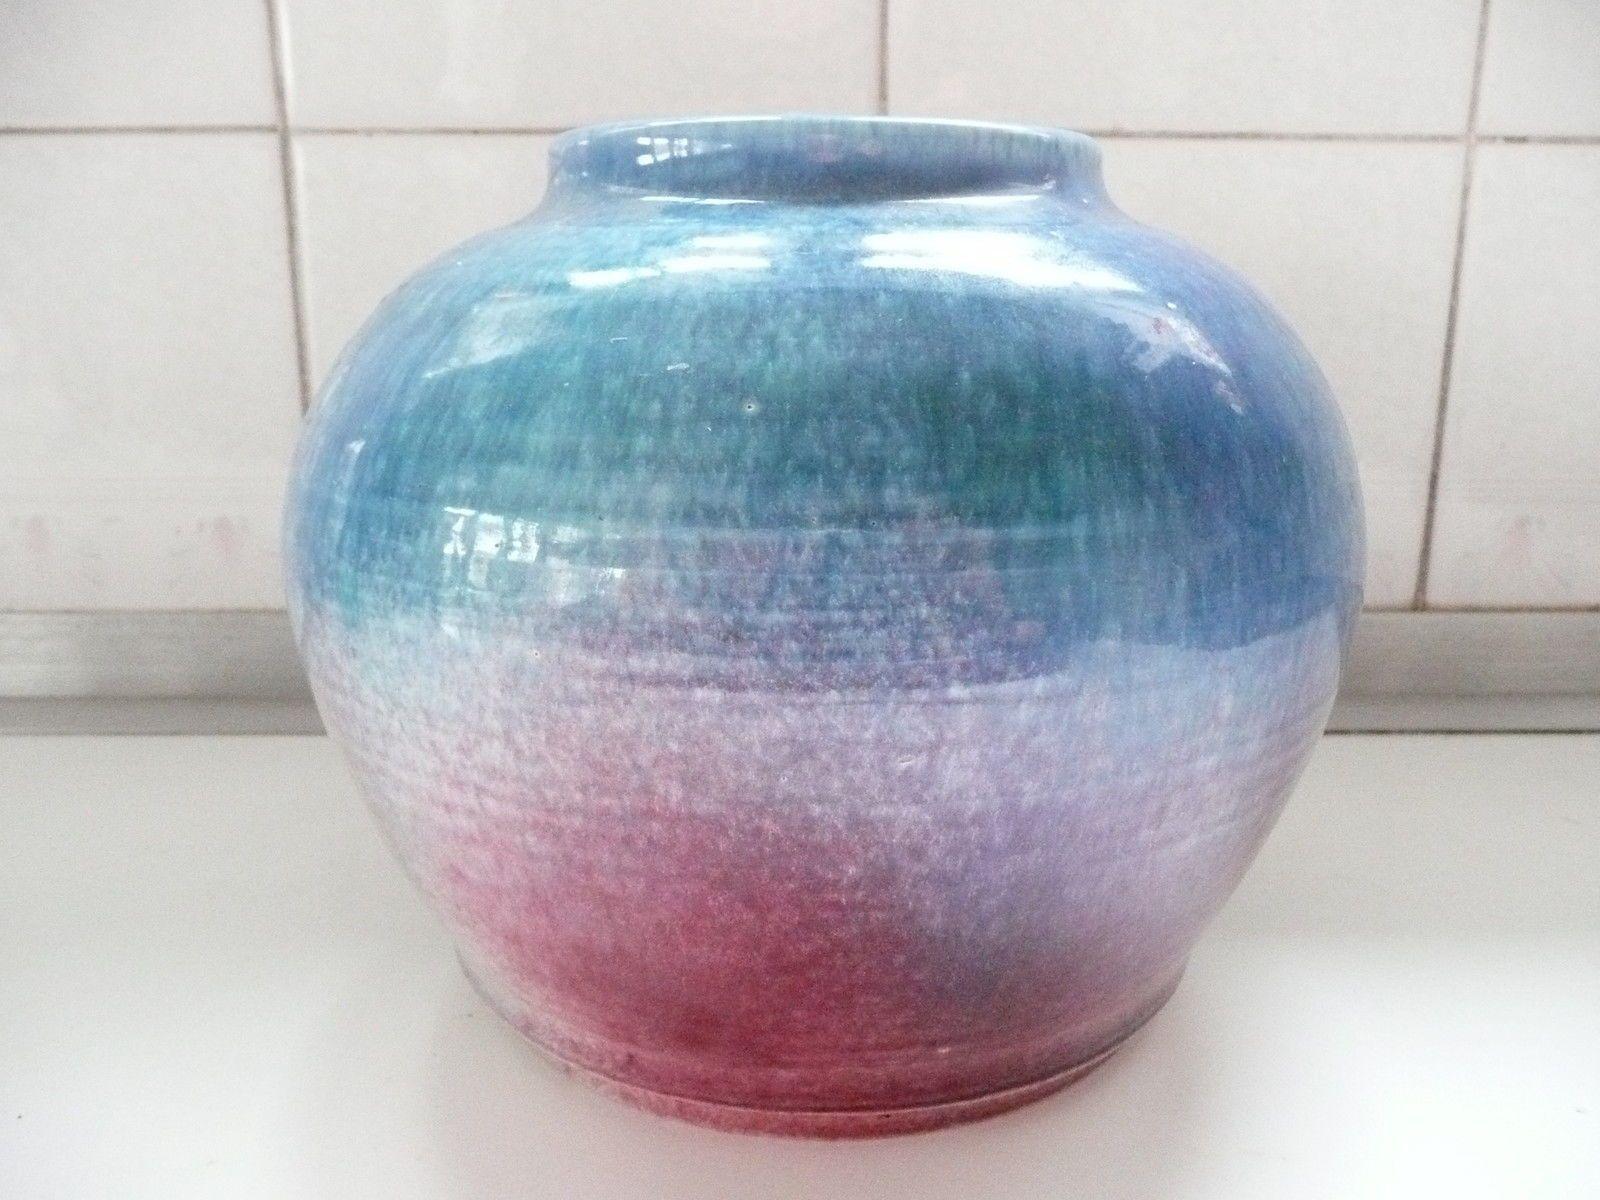 Ronald czilinsky studio pottery vase ebay pottery pinterest ronald czilinsky studio pottery vase ebay reviewsmspy